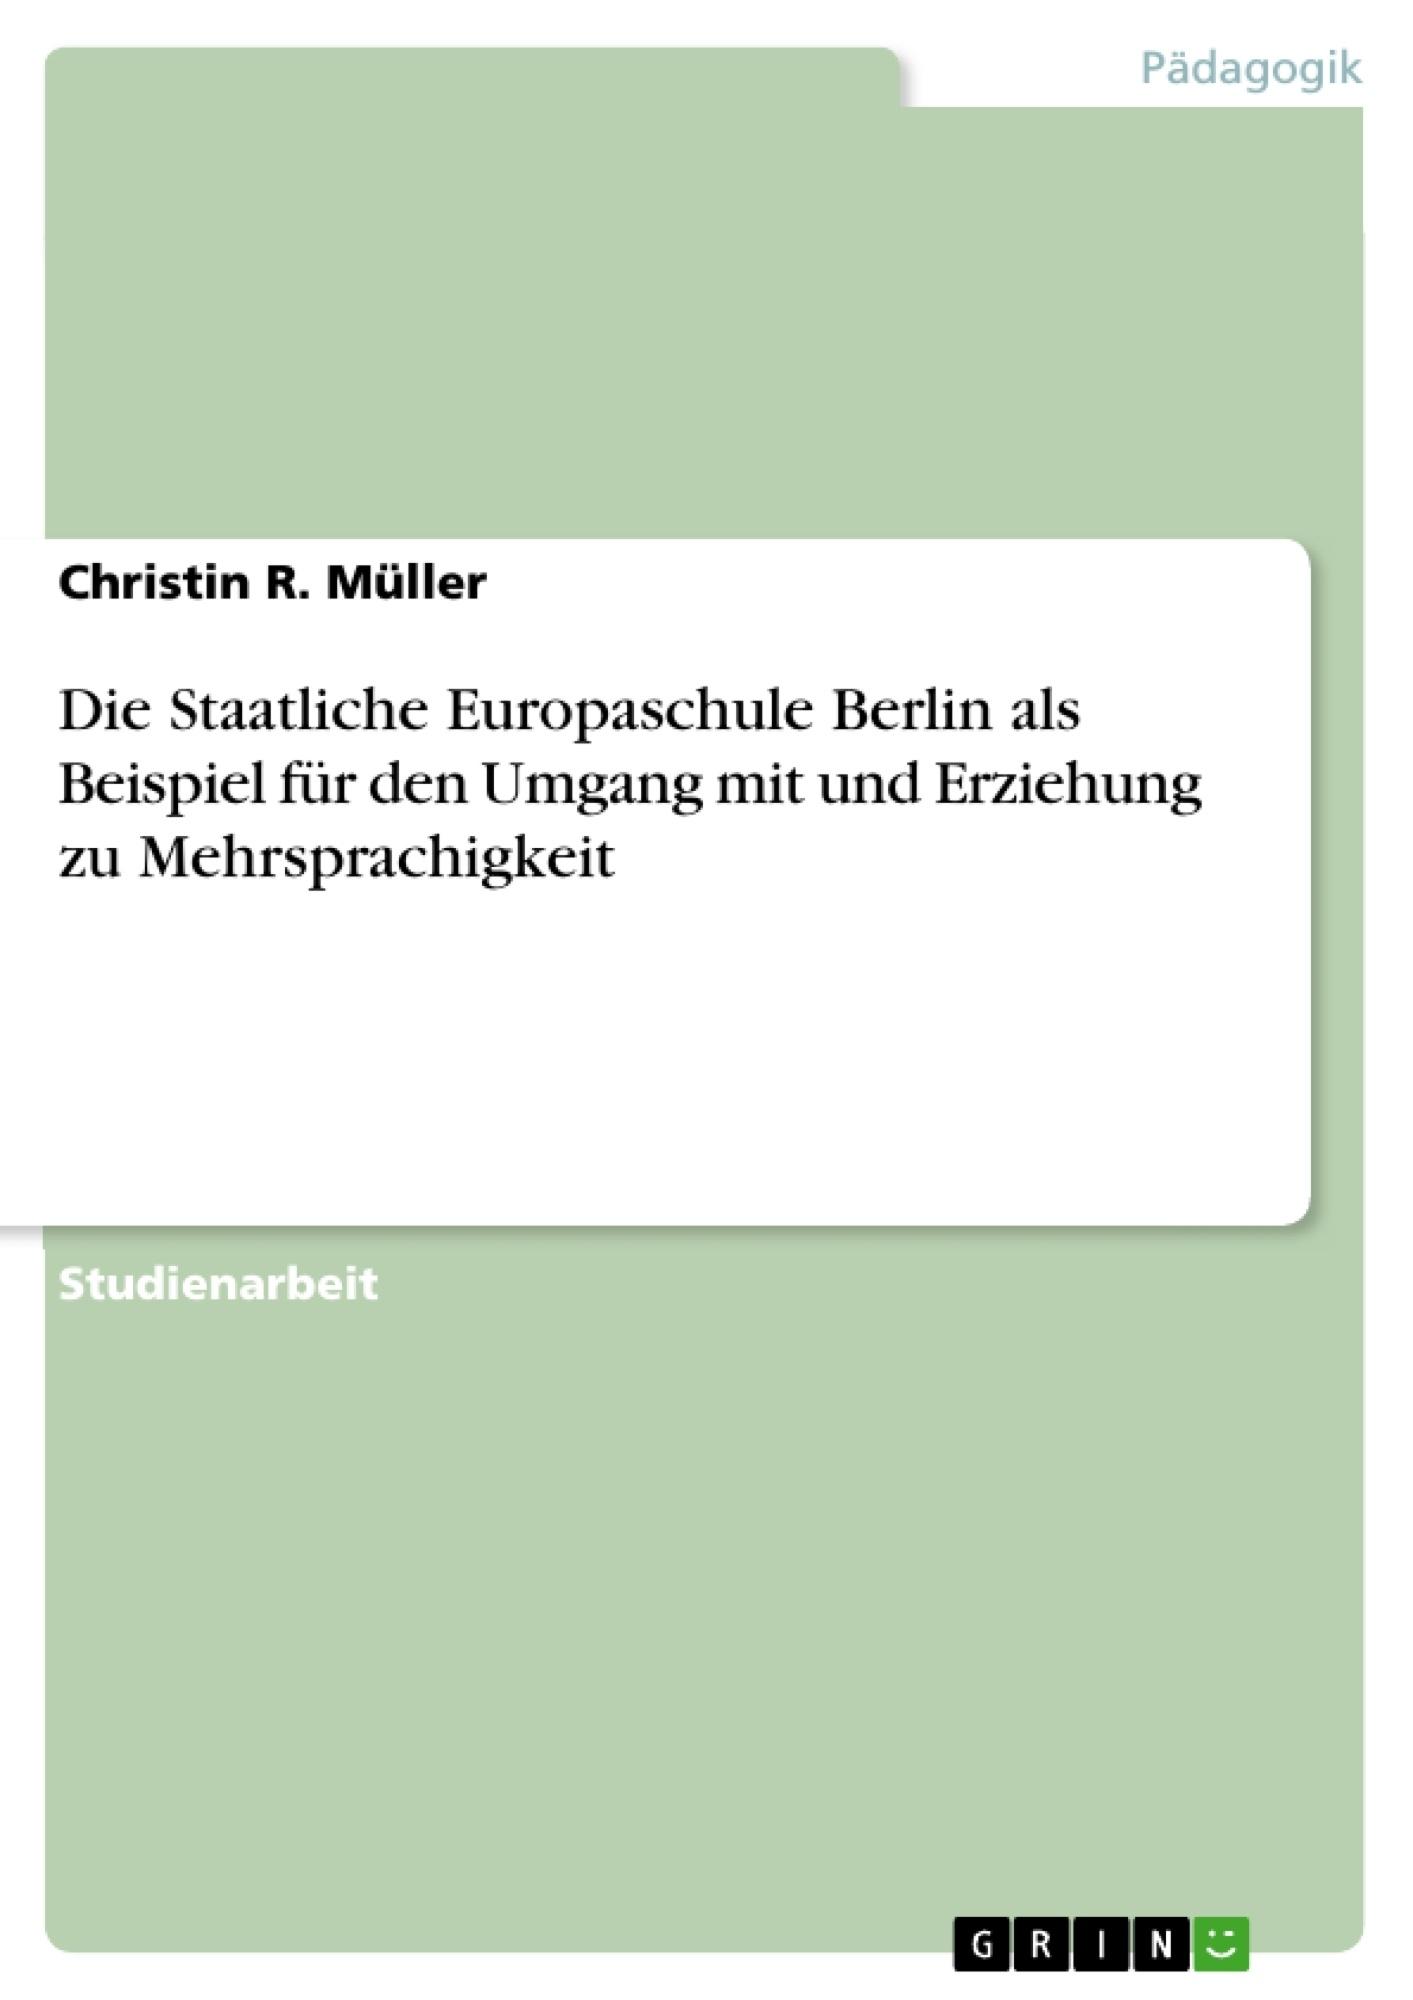 Titel: Die Staatliche Europaschule Berlin als Beispiel für den Umgang mit und Erziehung zu Mehrsprachigkeit